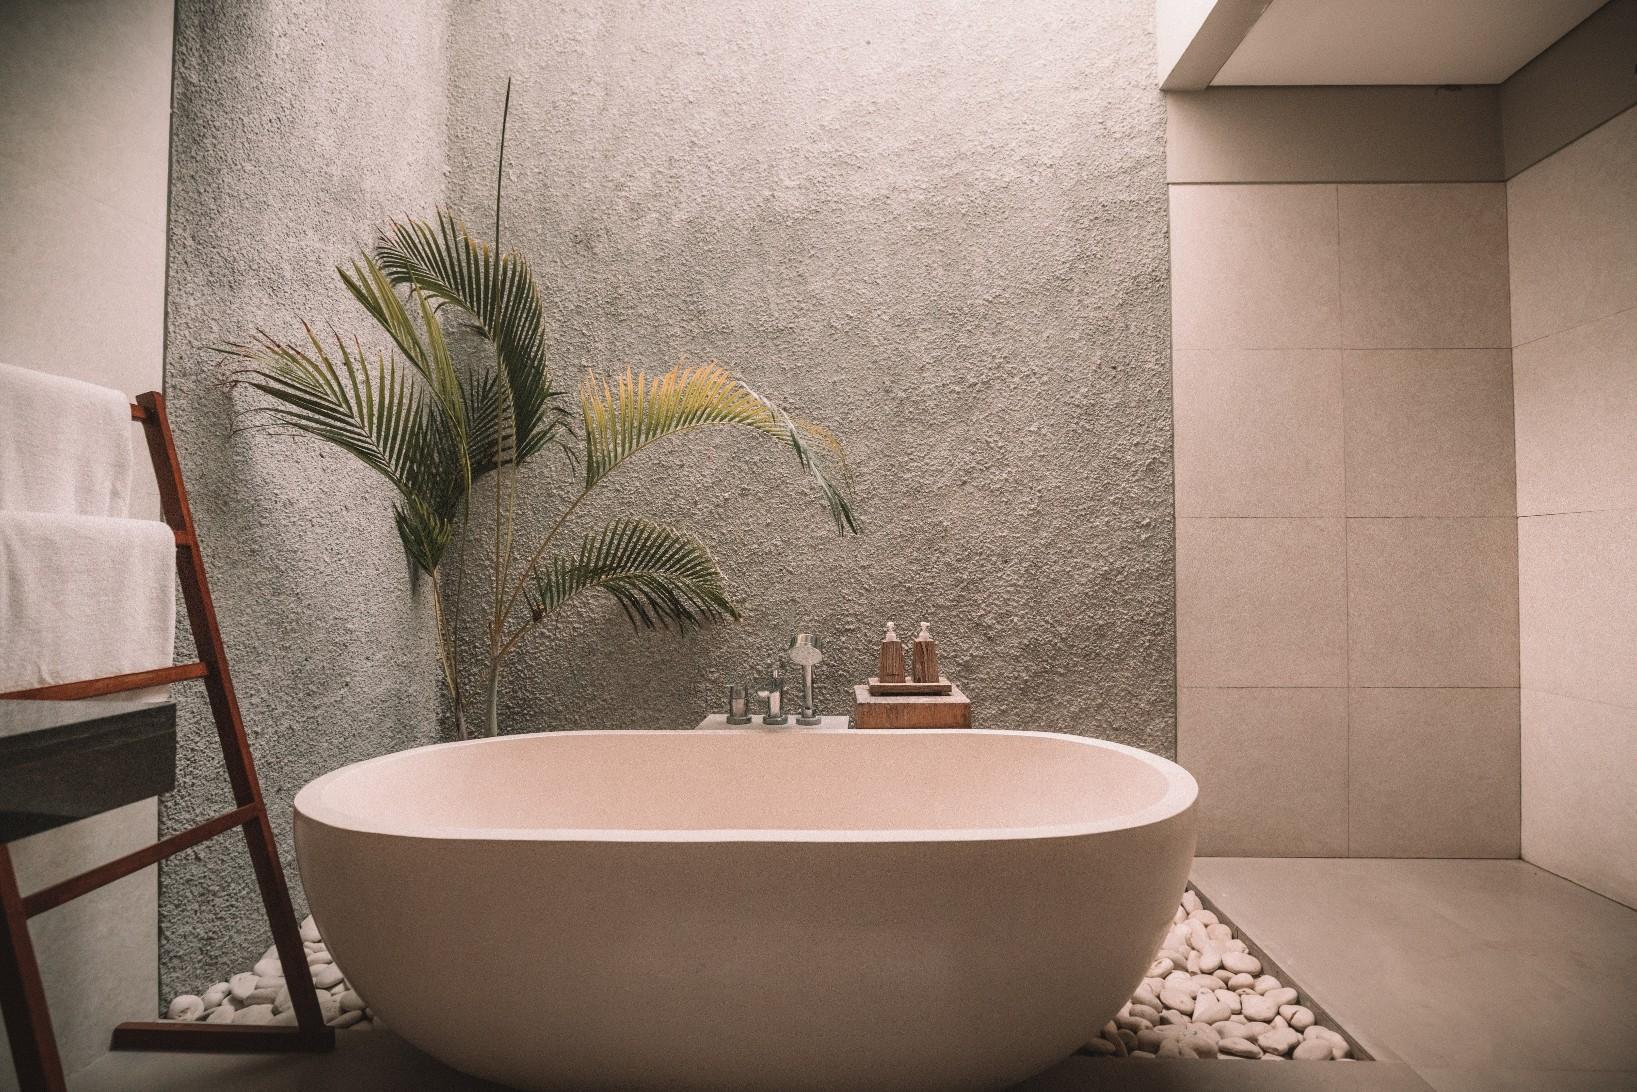 化粧水をつけるタイミングはお風呂上がりがベスト